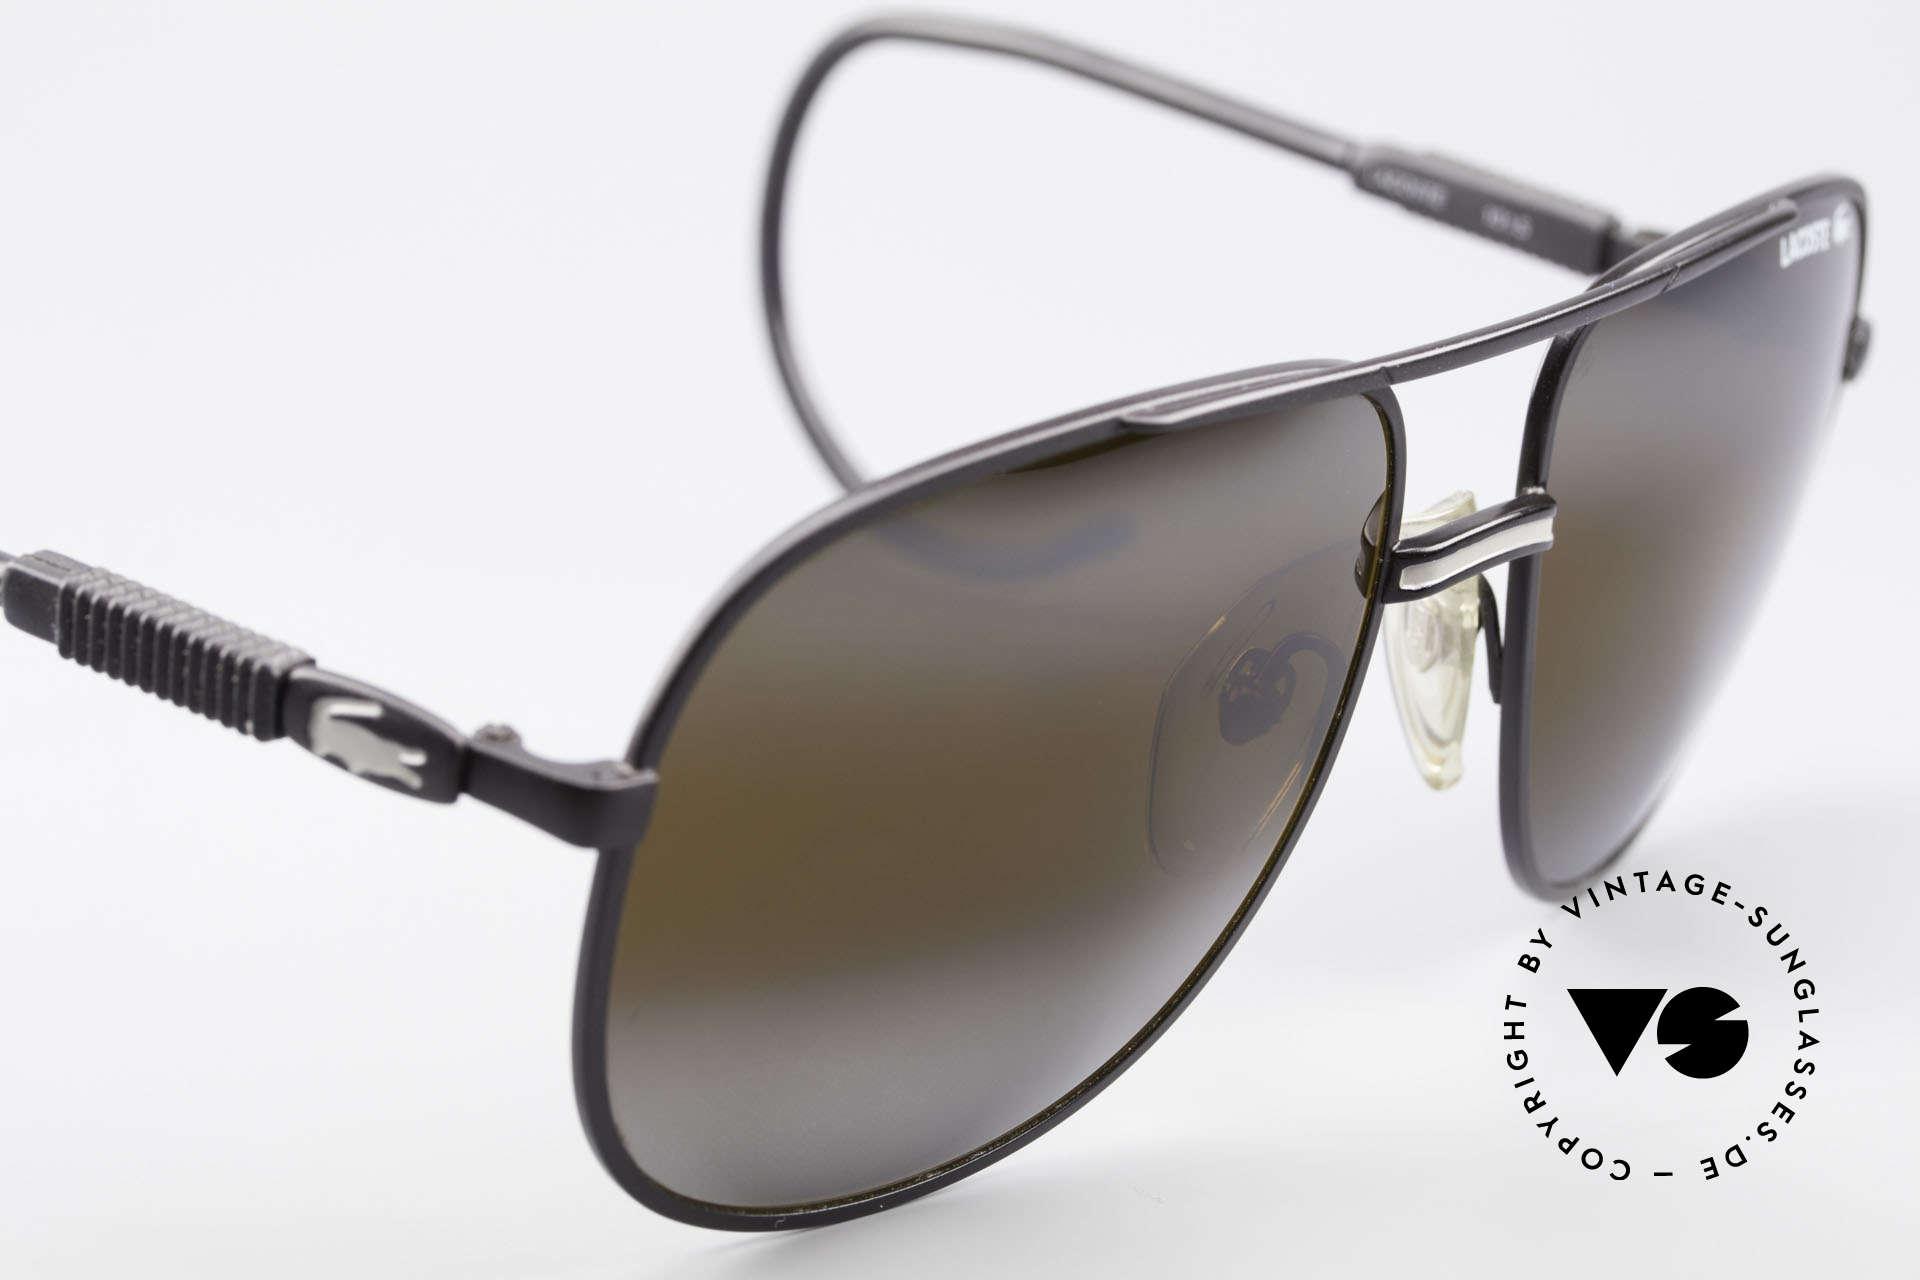 Lacoste 101S Sportliche Aviator Brille XL, ungetragenes Einzelstück mit original Etui von Lacoste, Passend für Herren